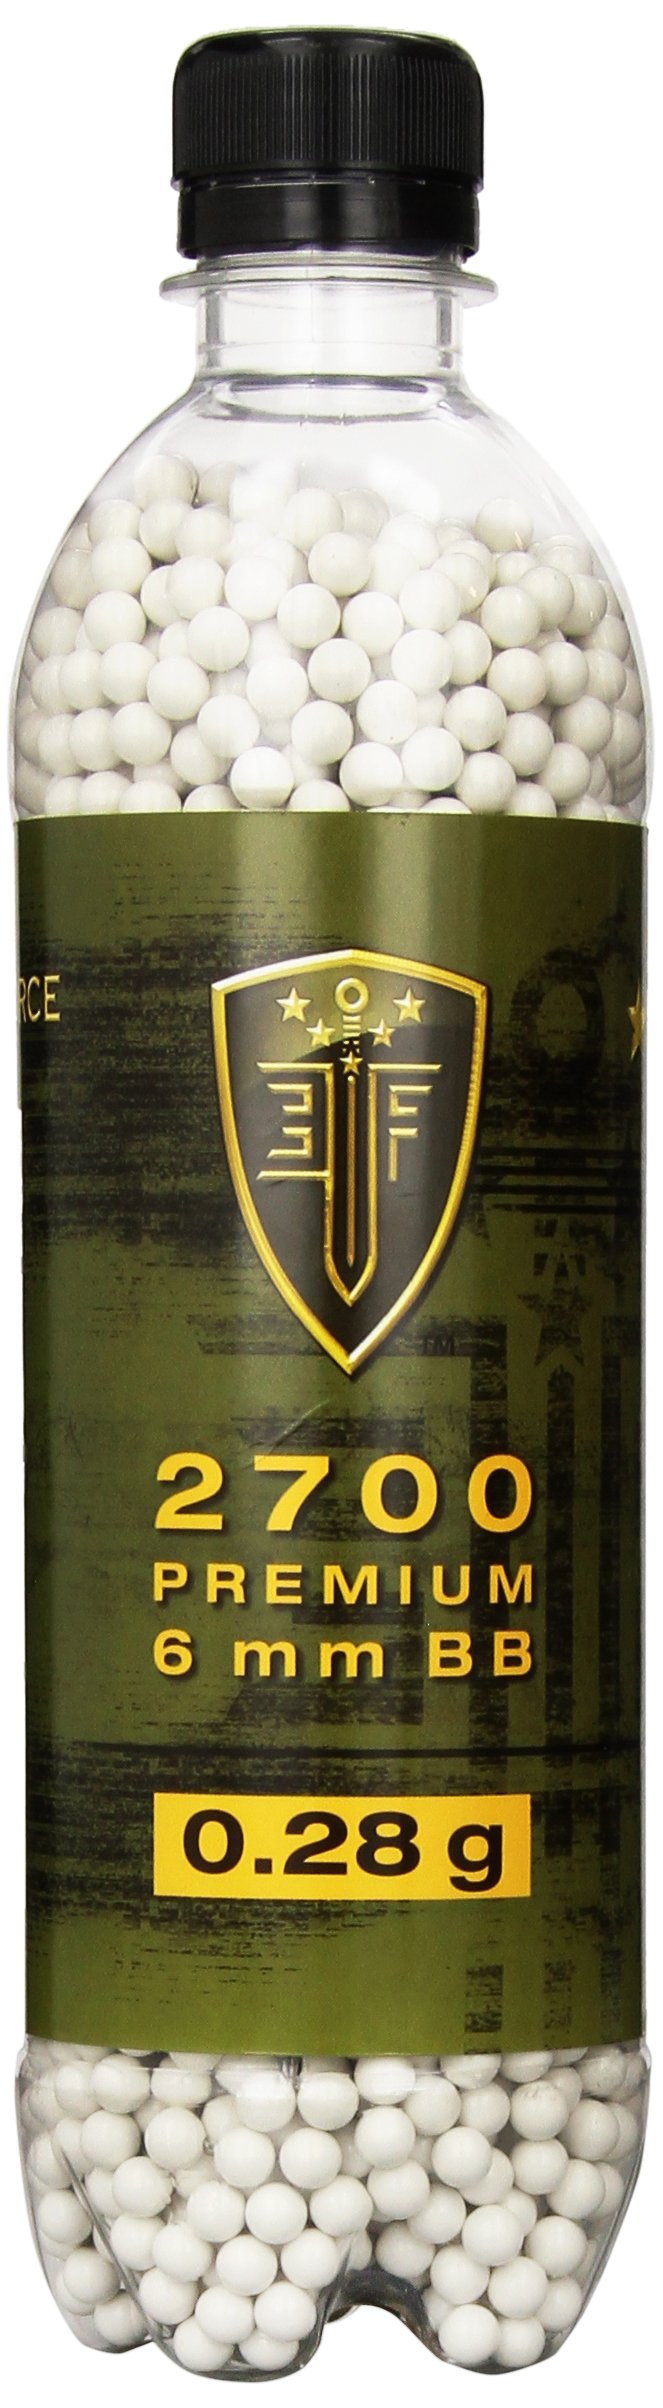 Elite Force Premium 6mm Airsoft BBs Ammo